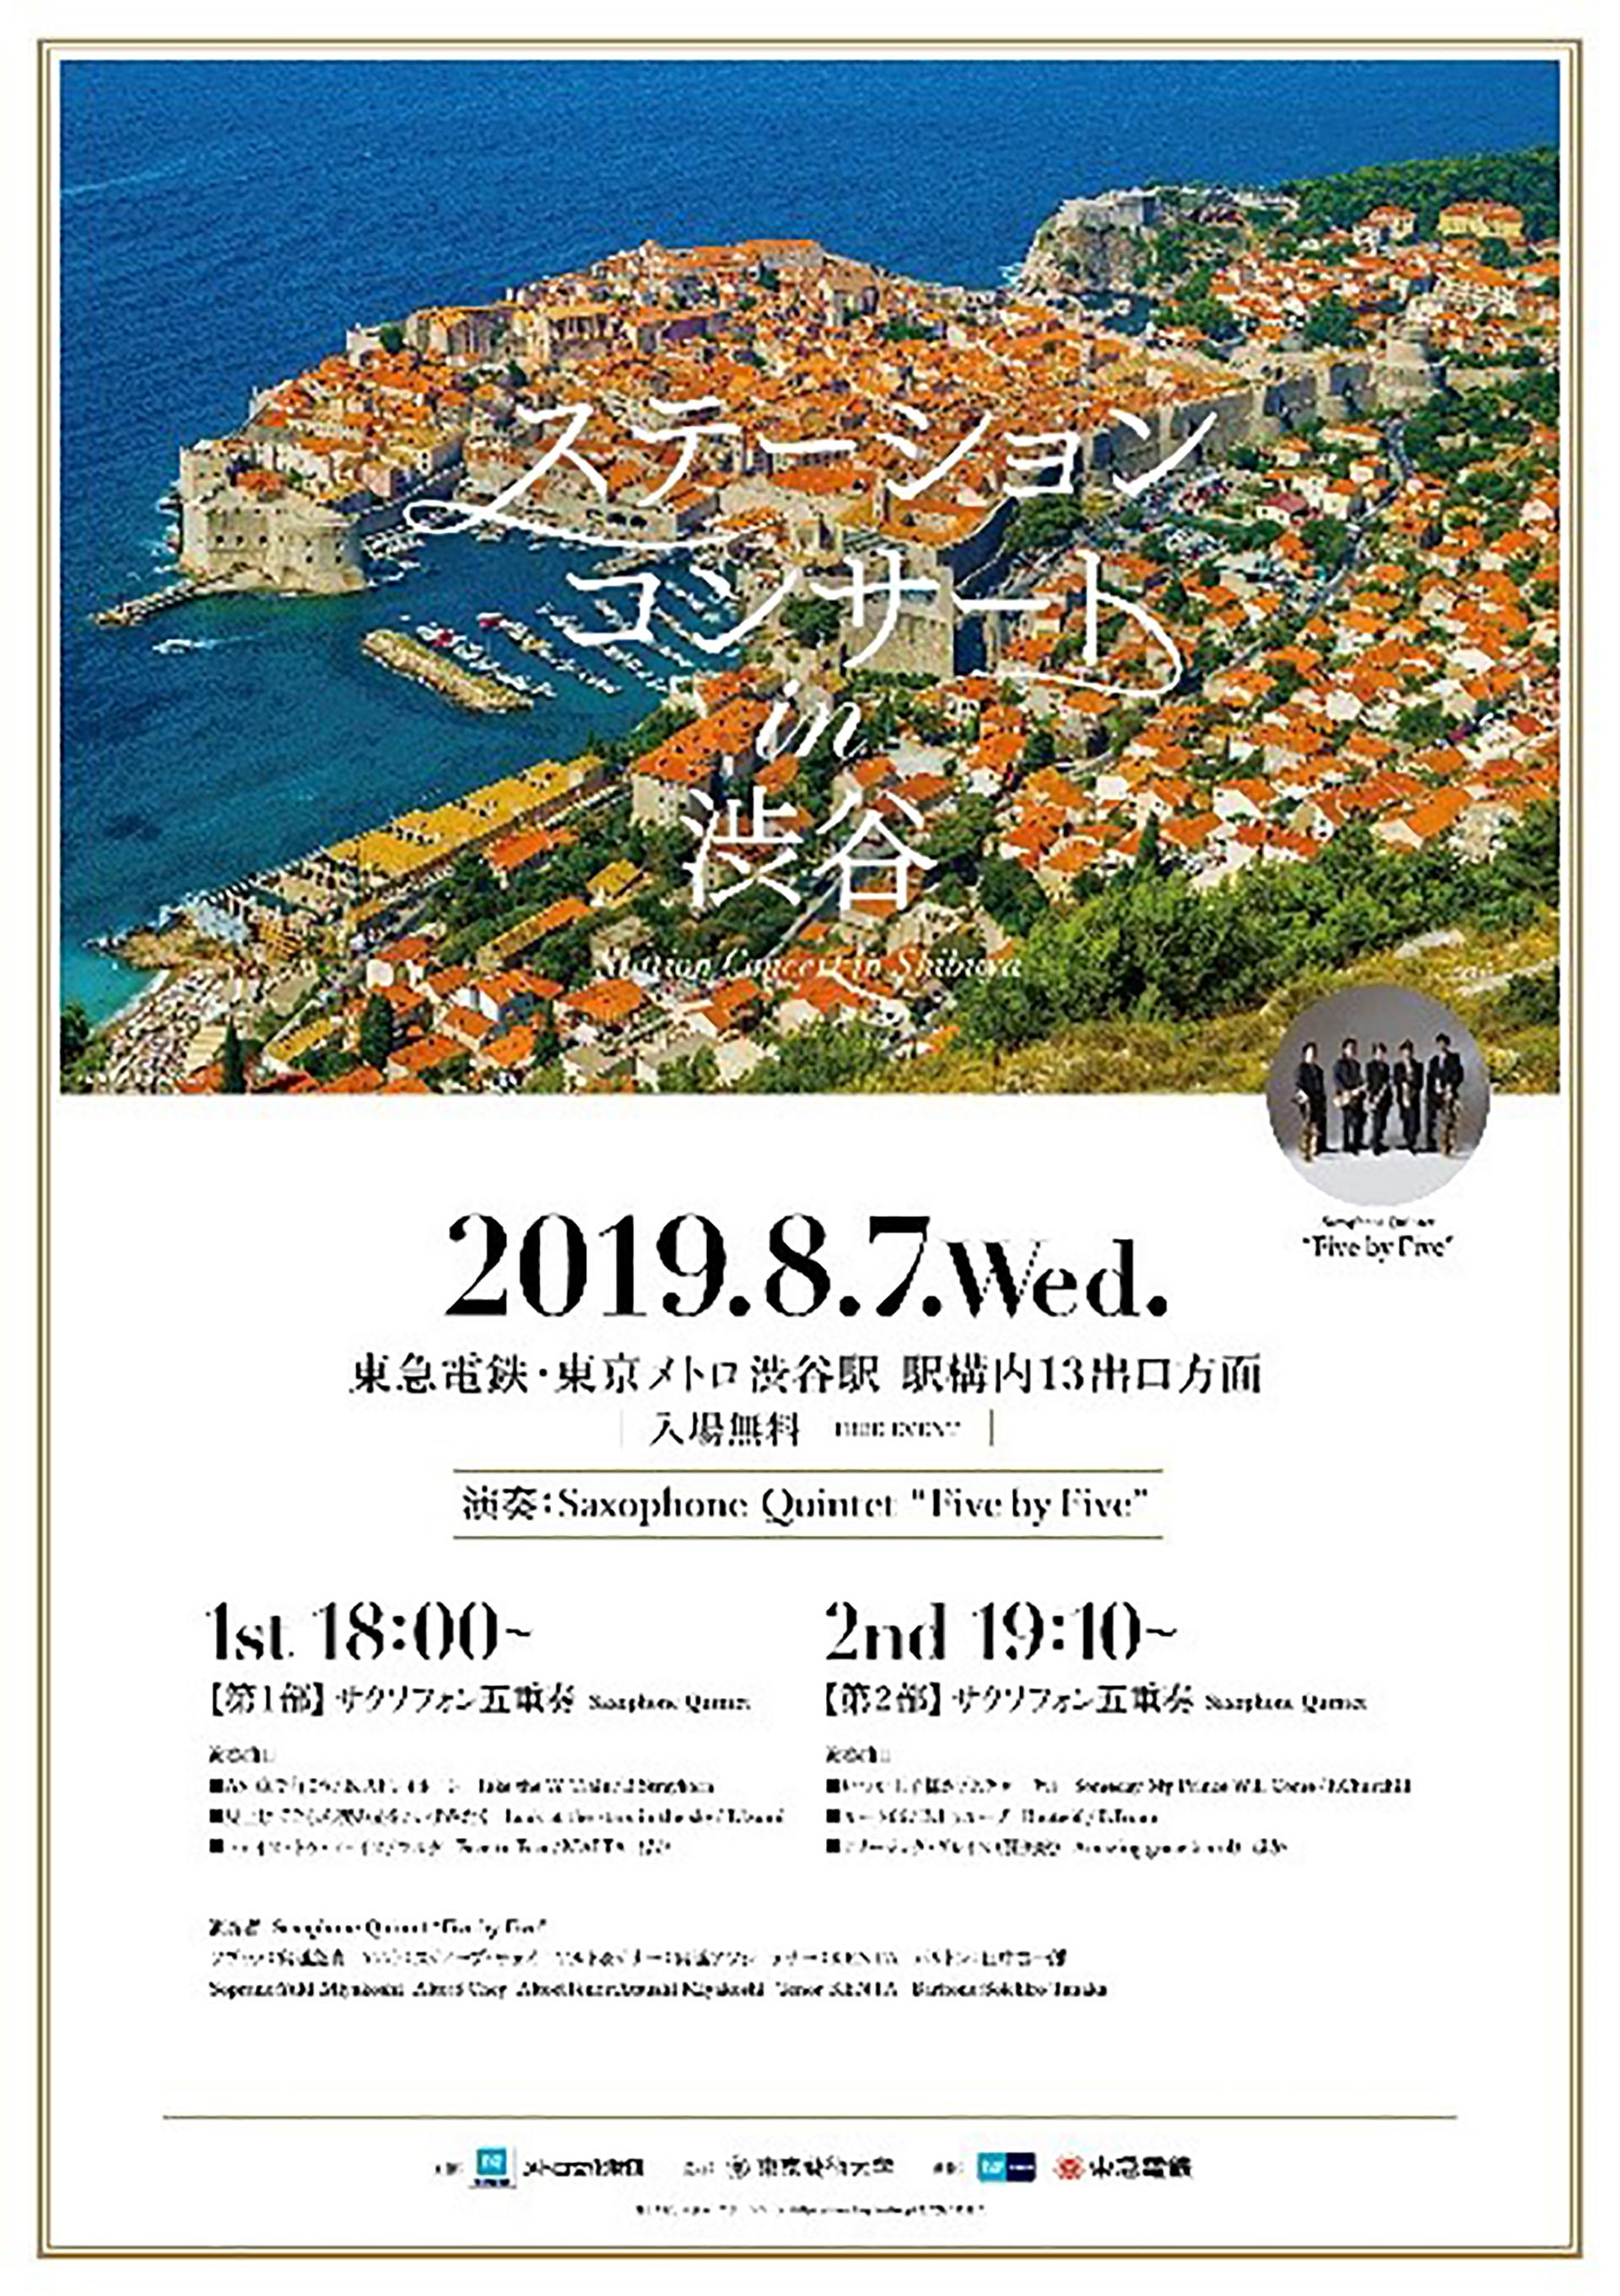 ステーションコンサート in 渋谷の告知ポスターです